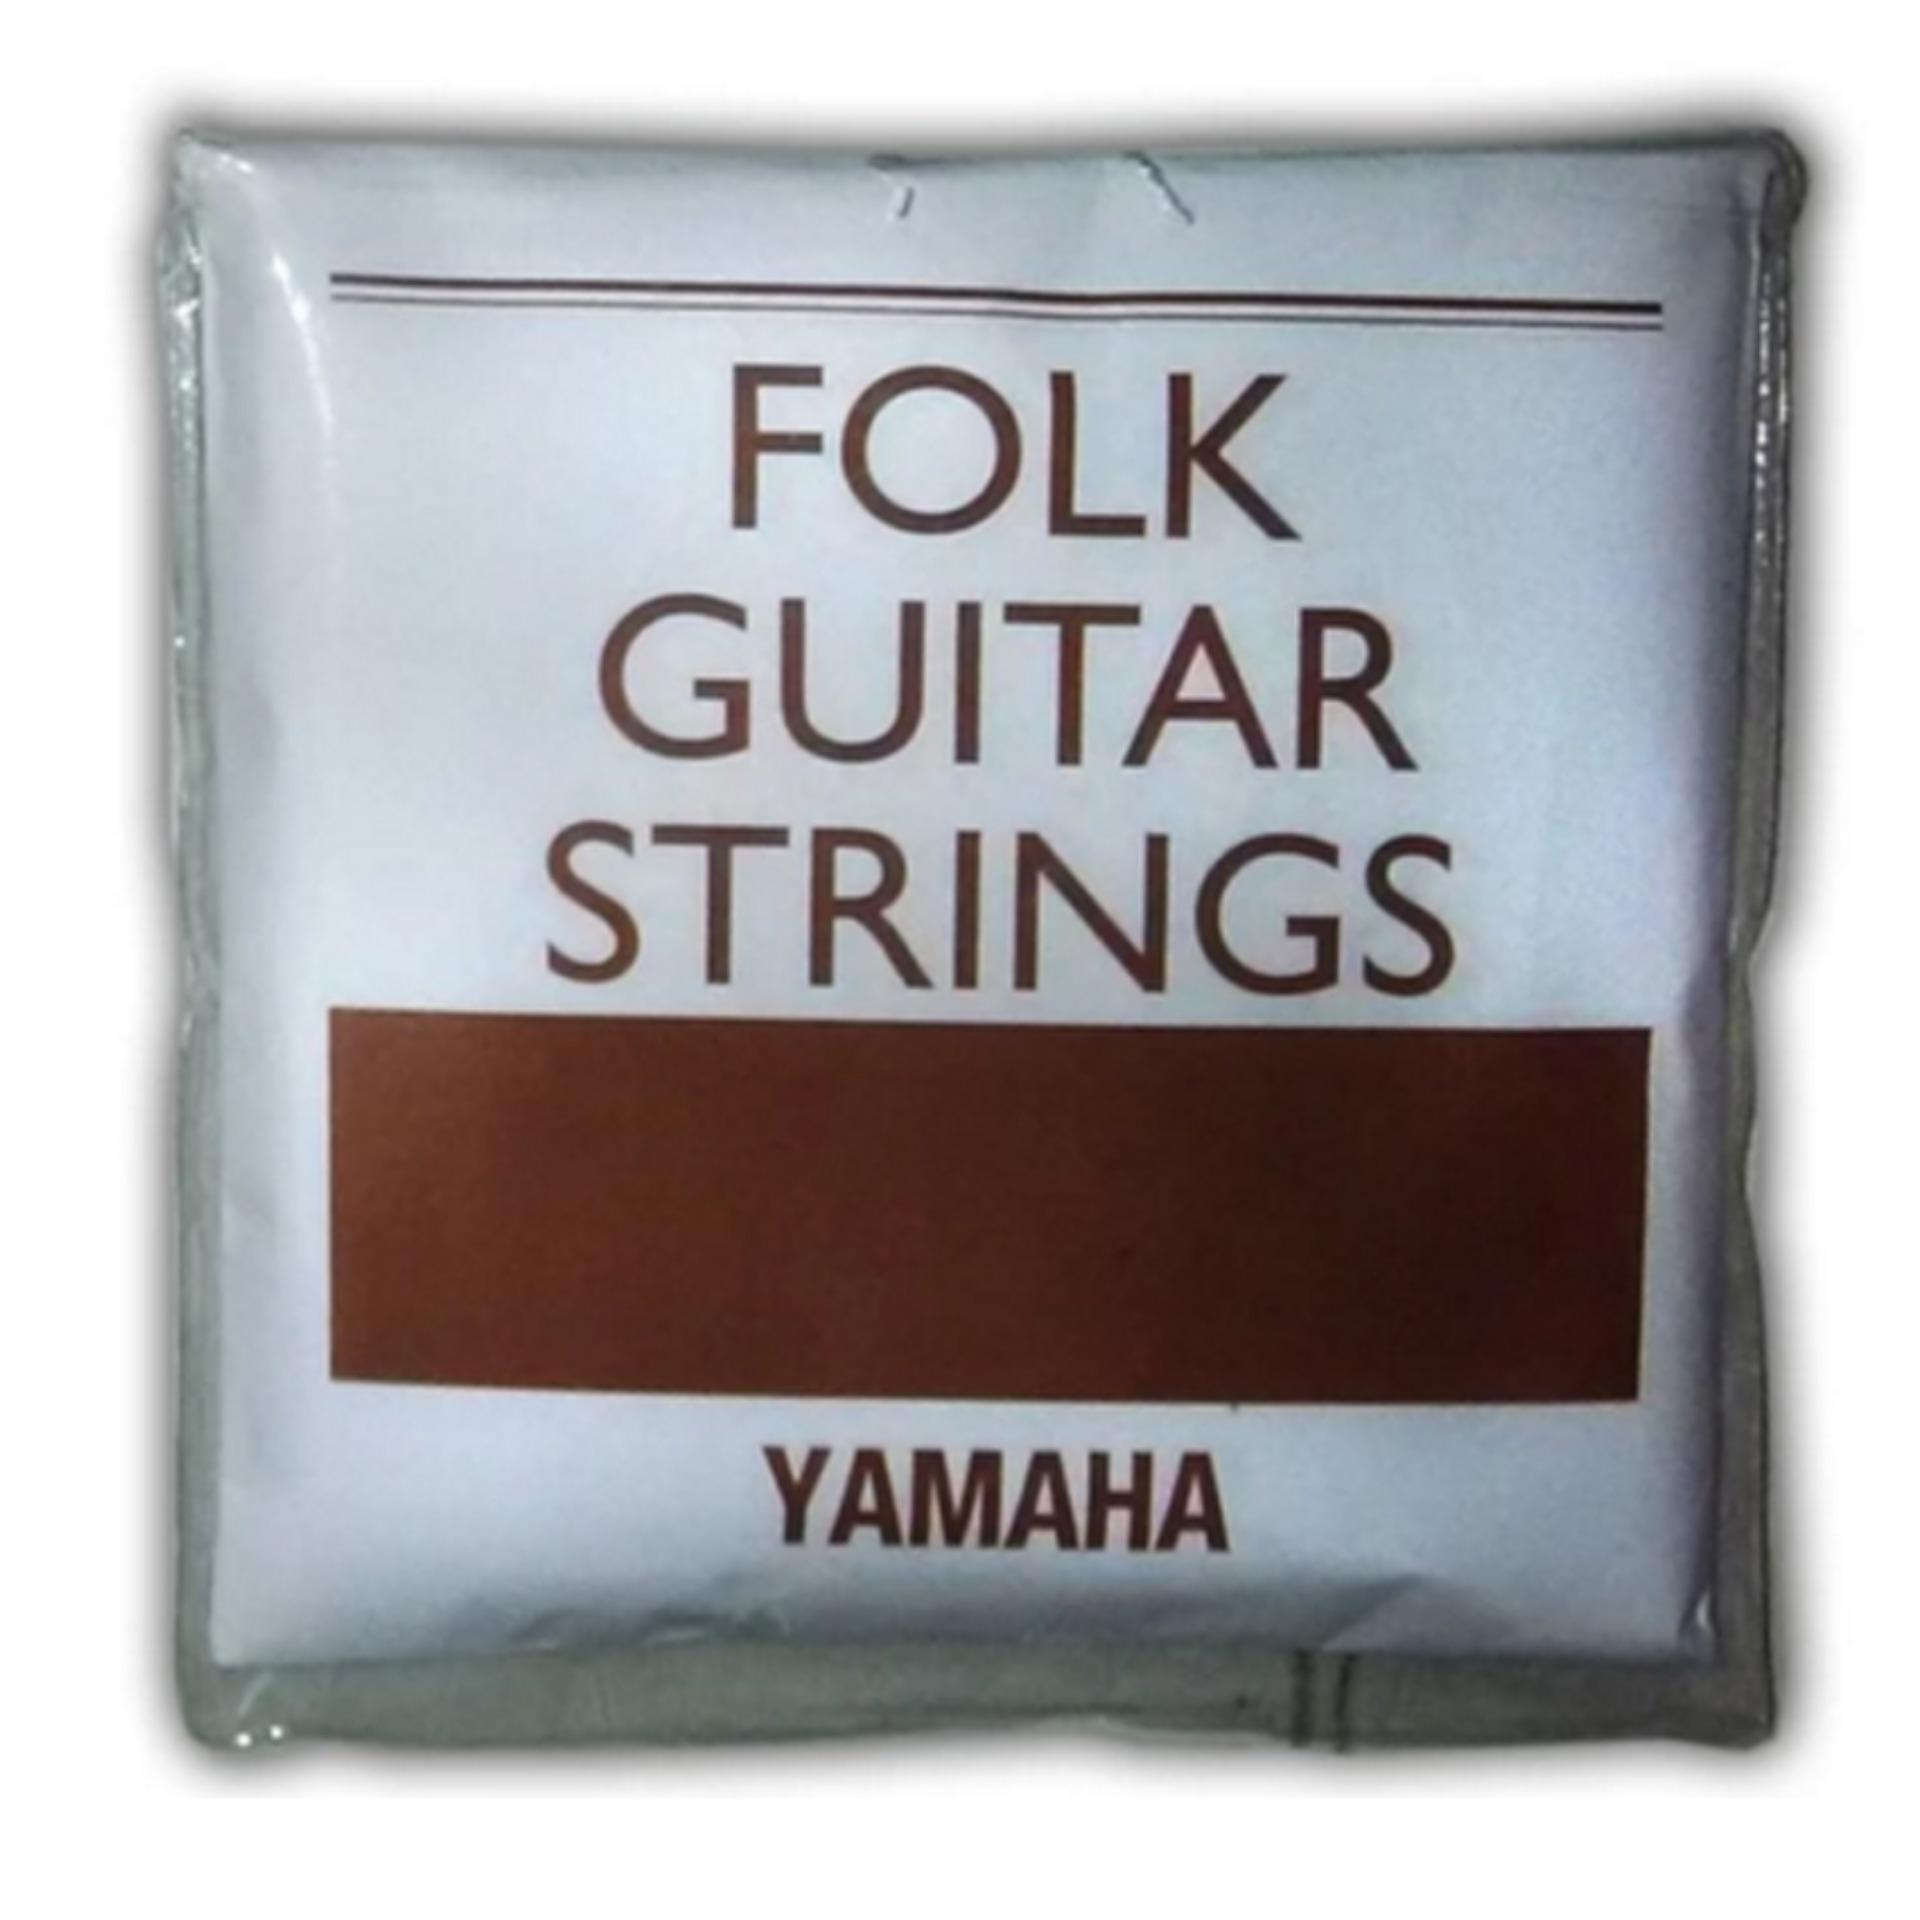 Cheap online Yamaha Senar Gitar Folk Guitar Strings-Original Set 6 Pcs